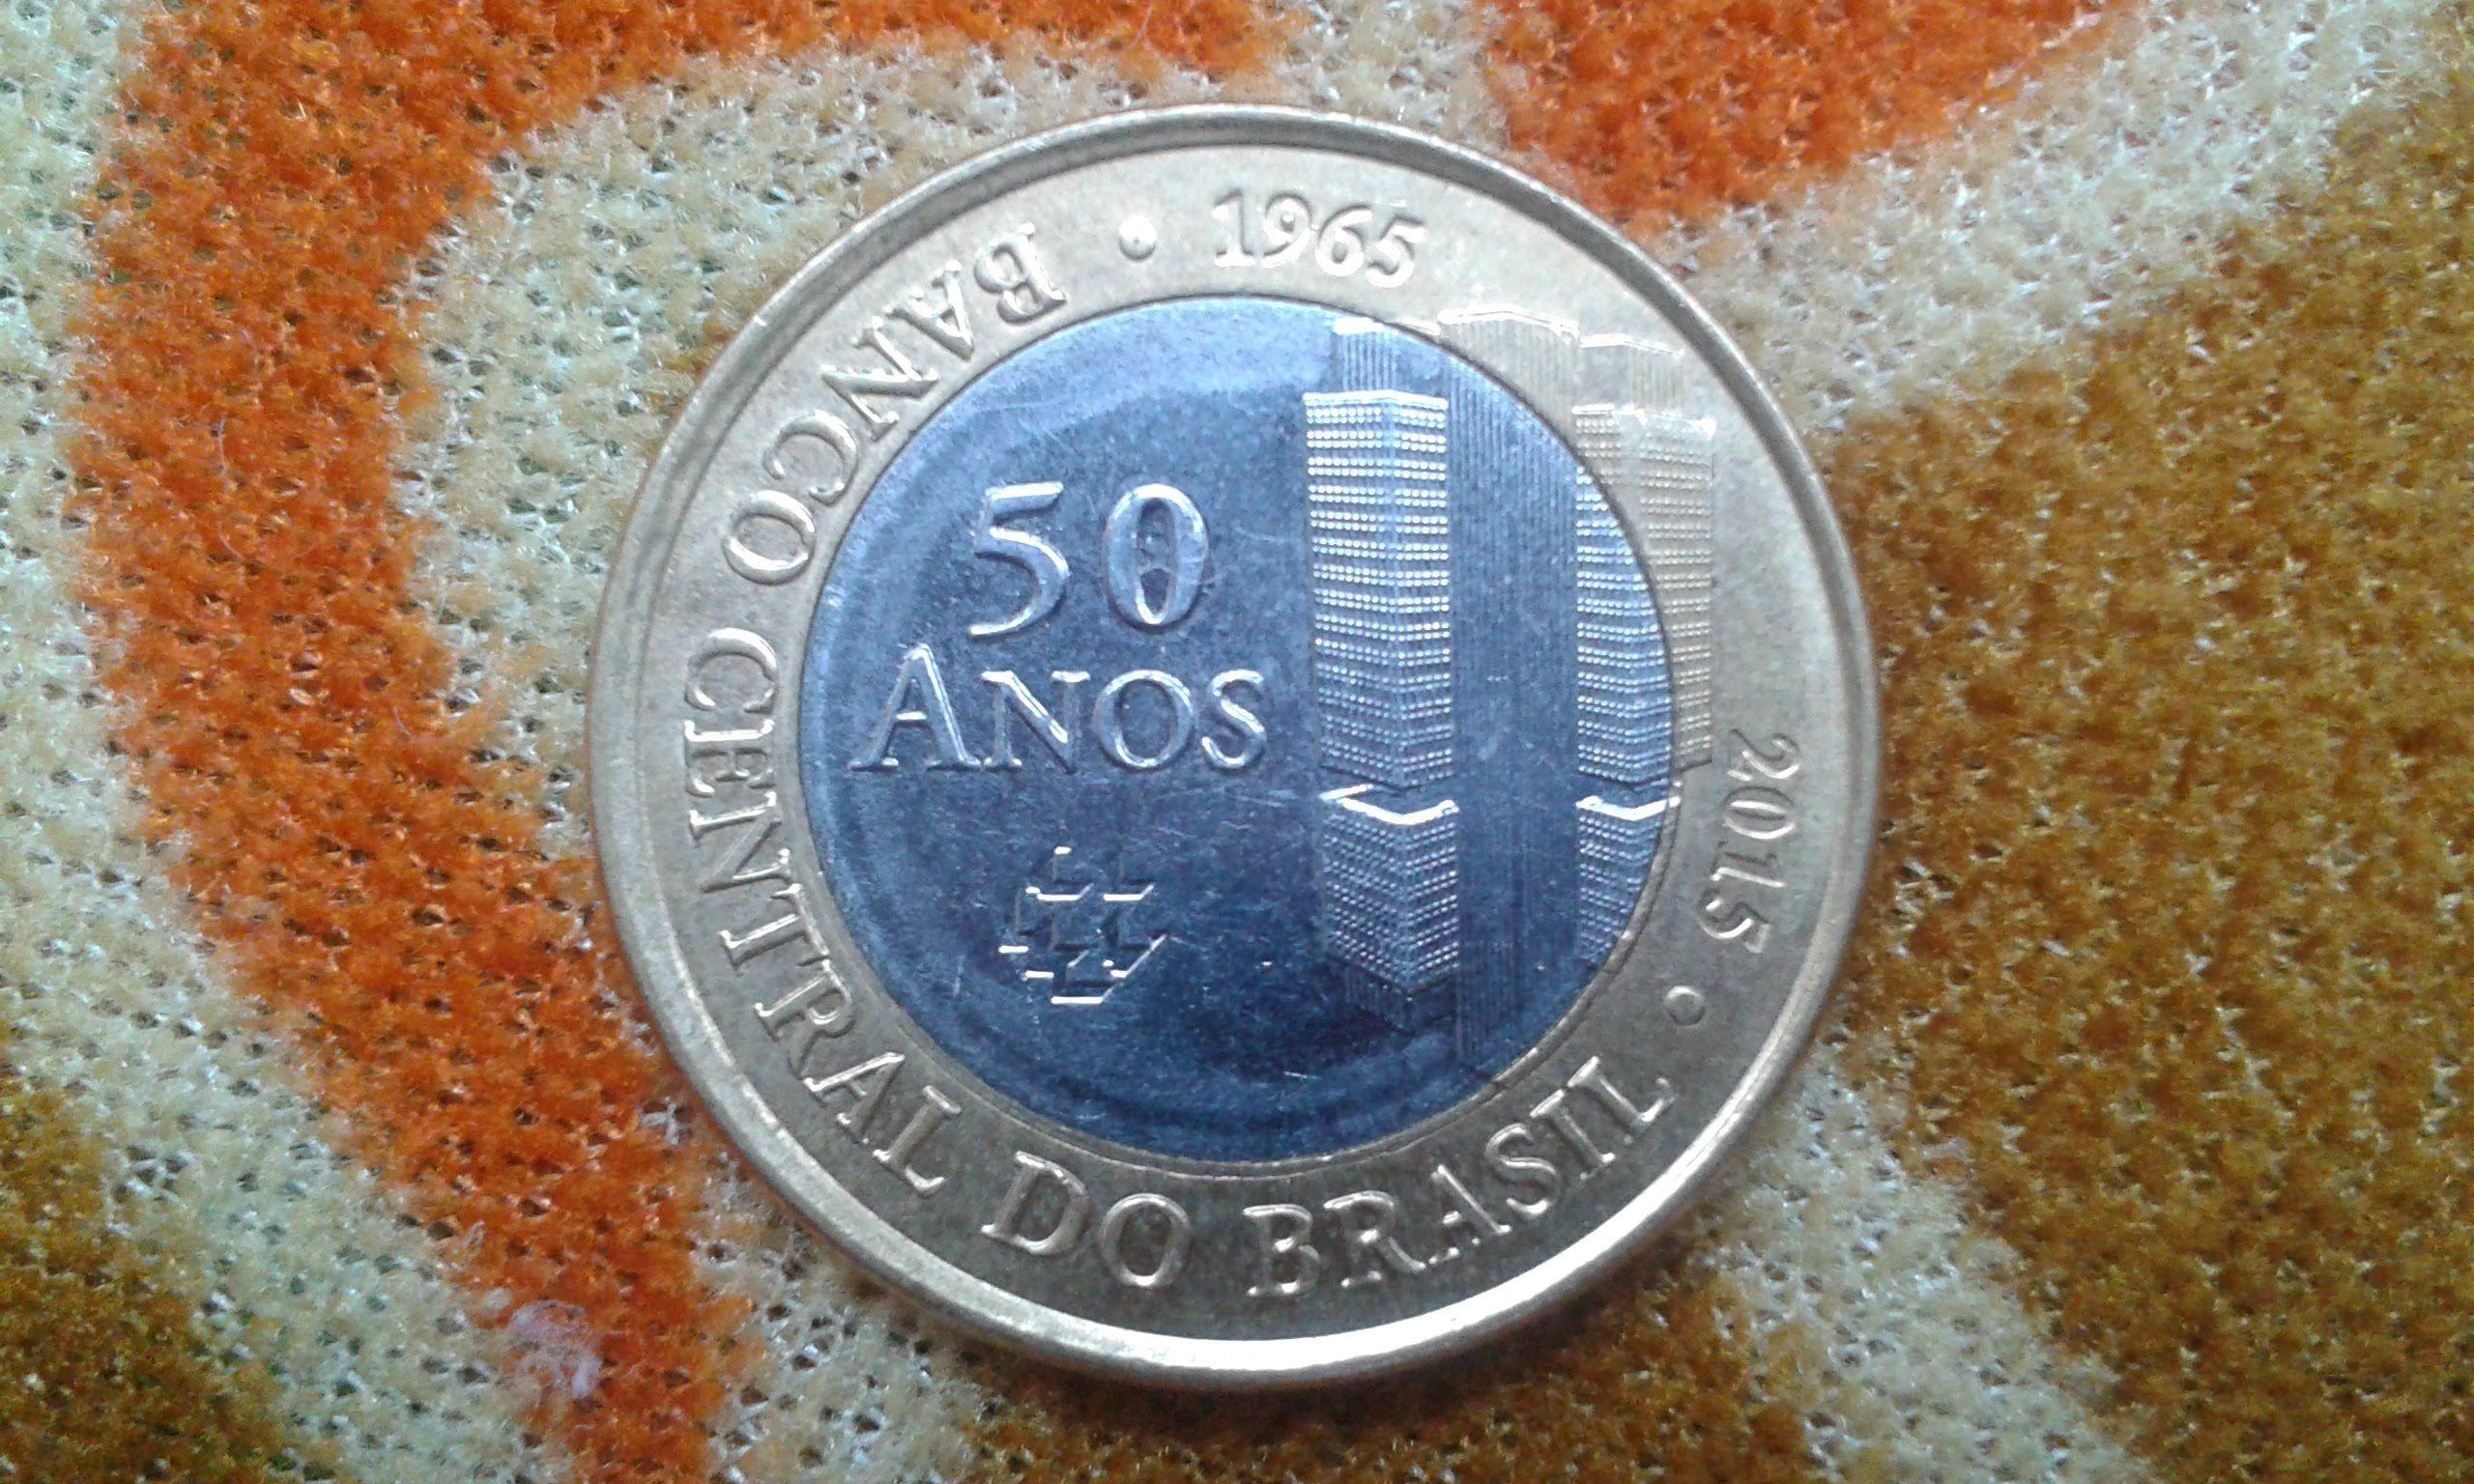 Moeda Rara Dos 50 Anos Do Banco Central Moedas Raras Moedas